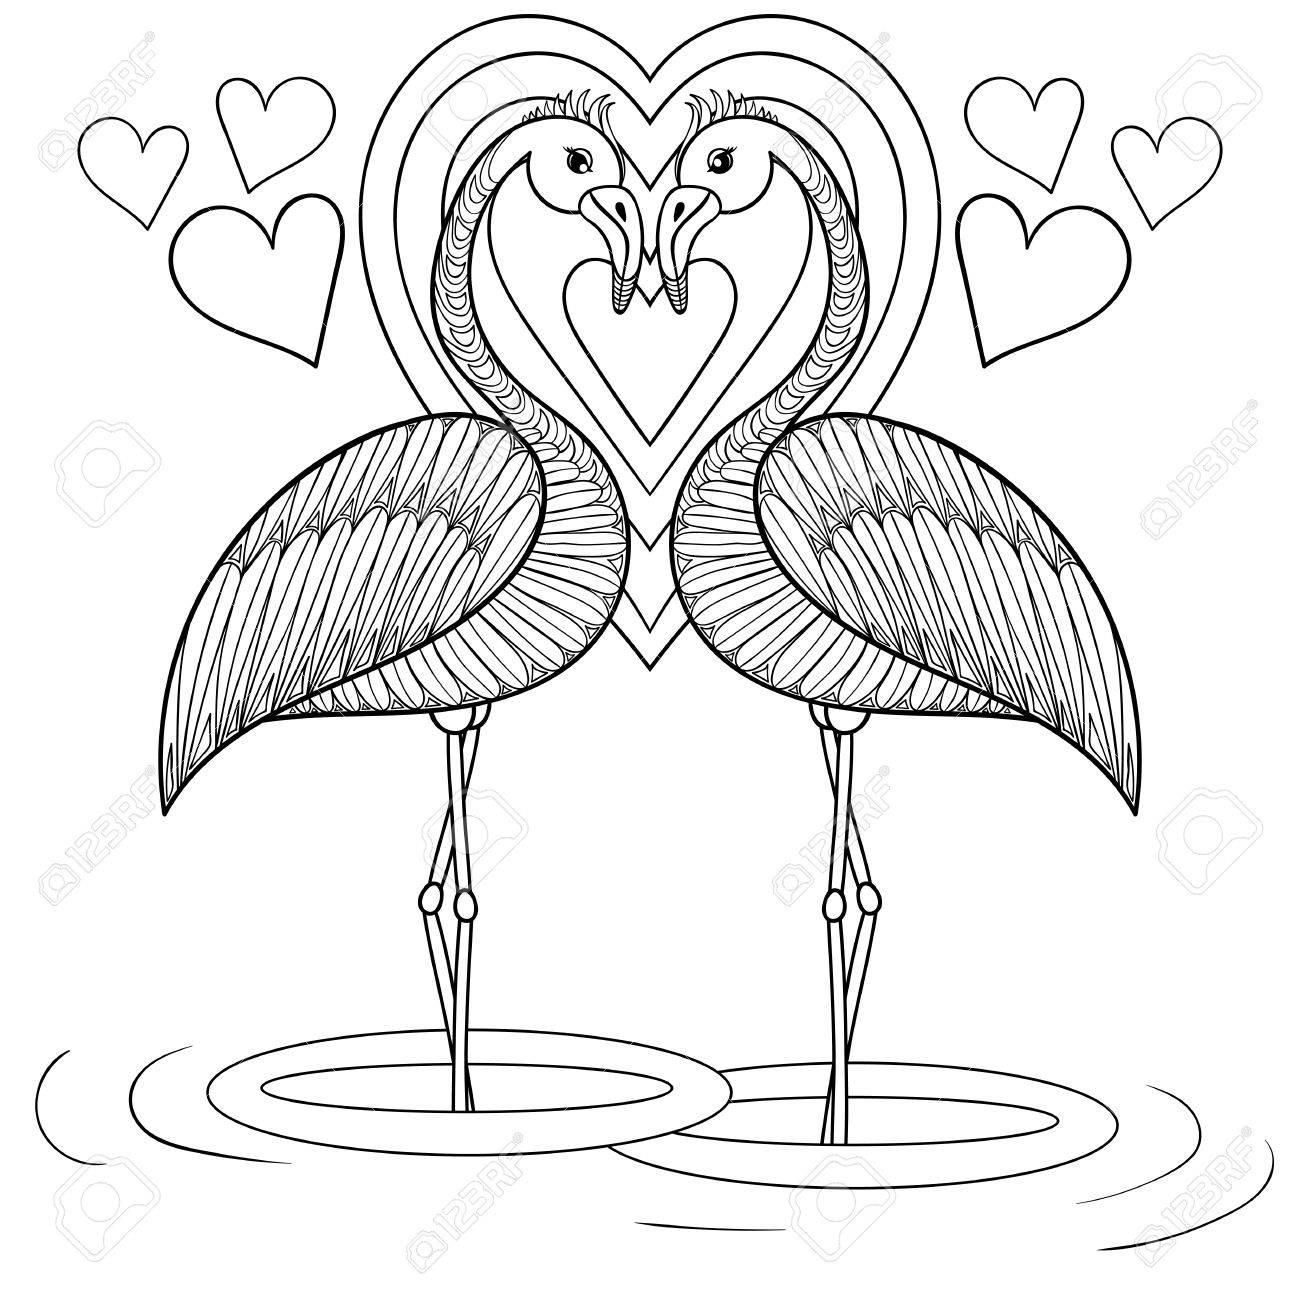 Malvorlage Mit Flamingo In Der Liebe, Zentangle Handzeichnung